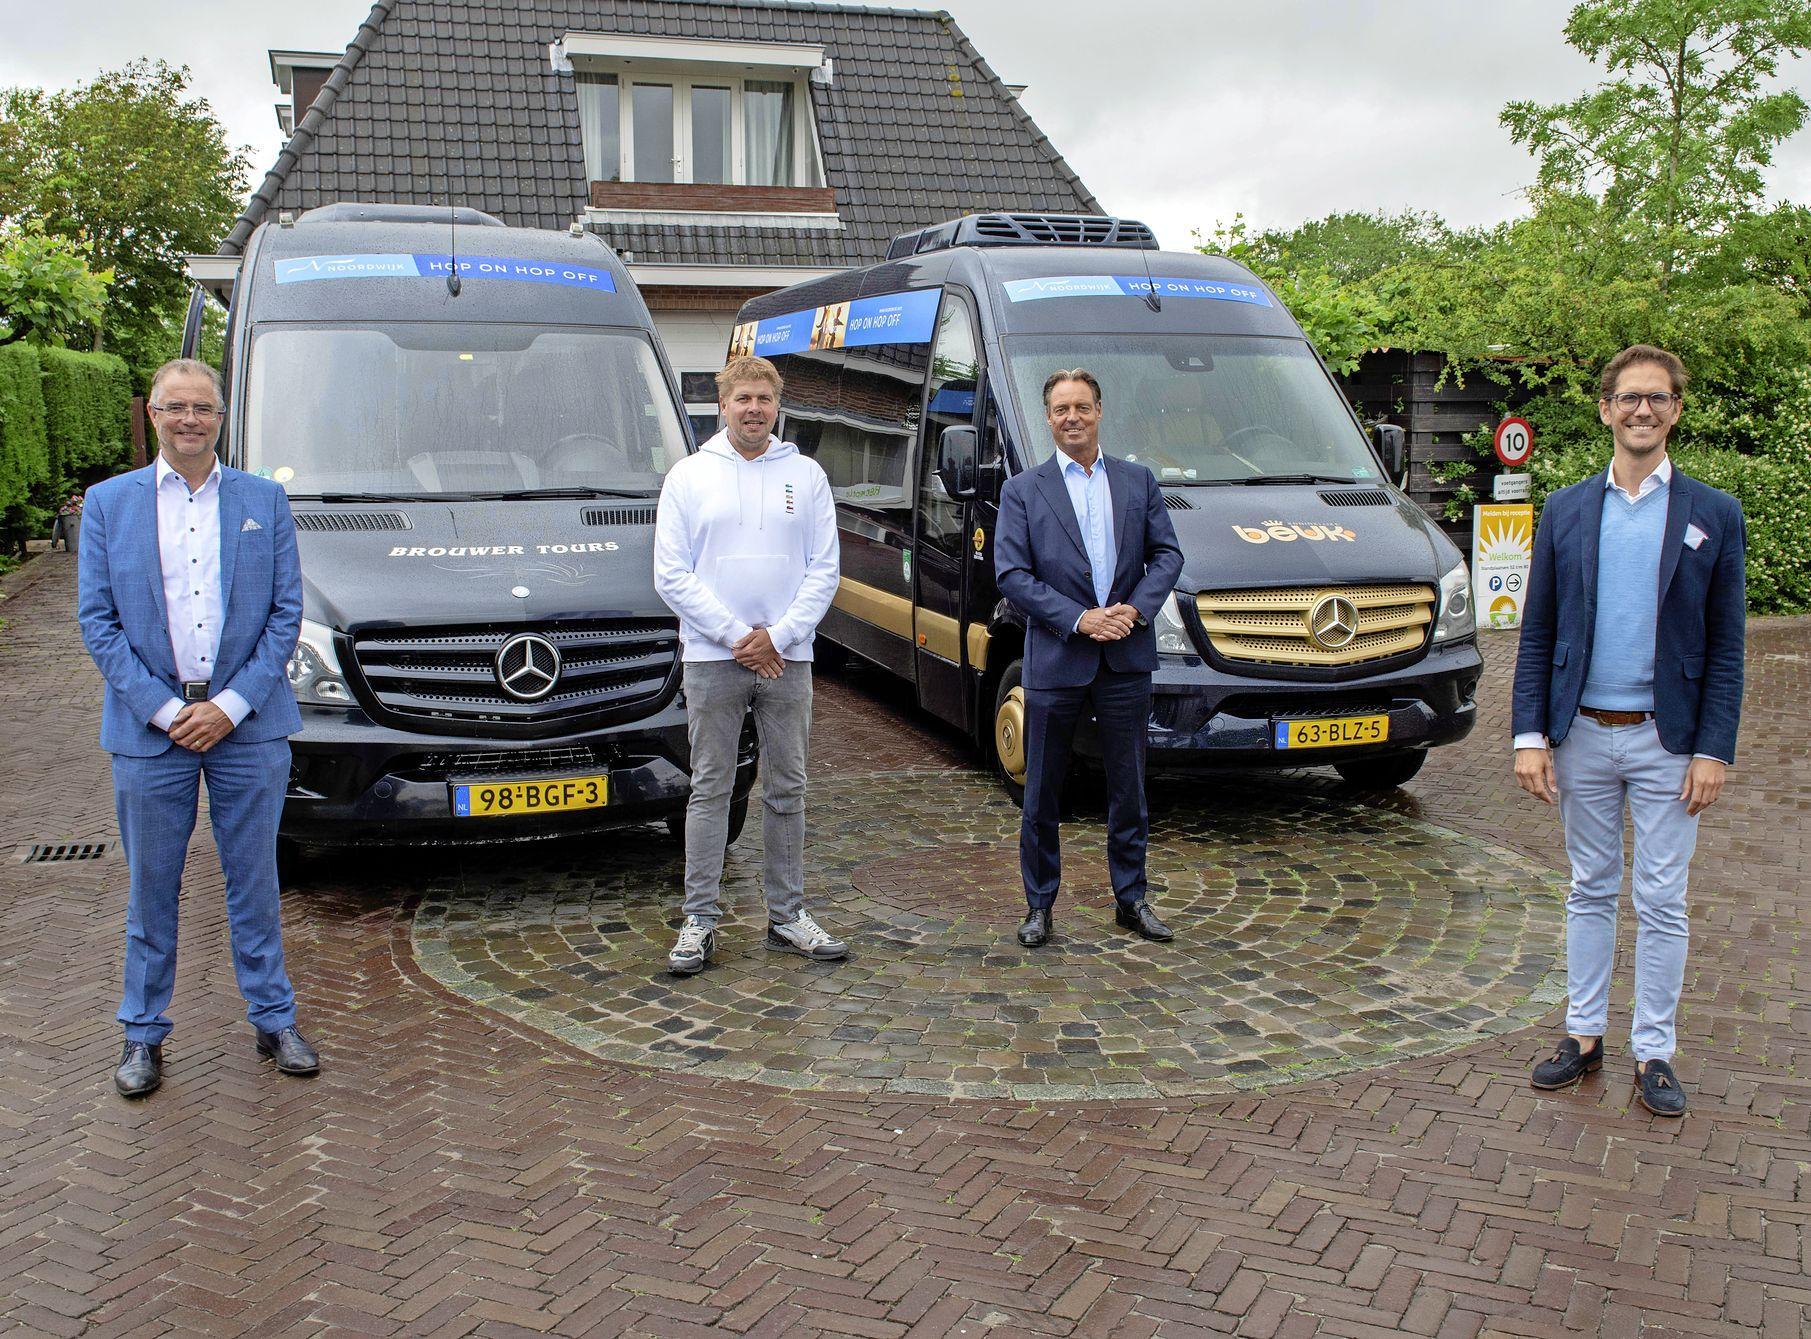 Busdienst verbindt campings en parken met centrum van Noordwijk